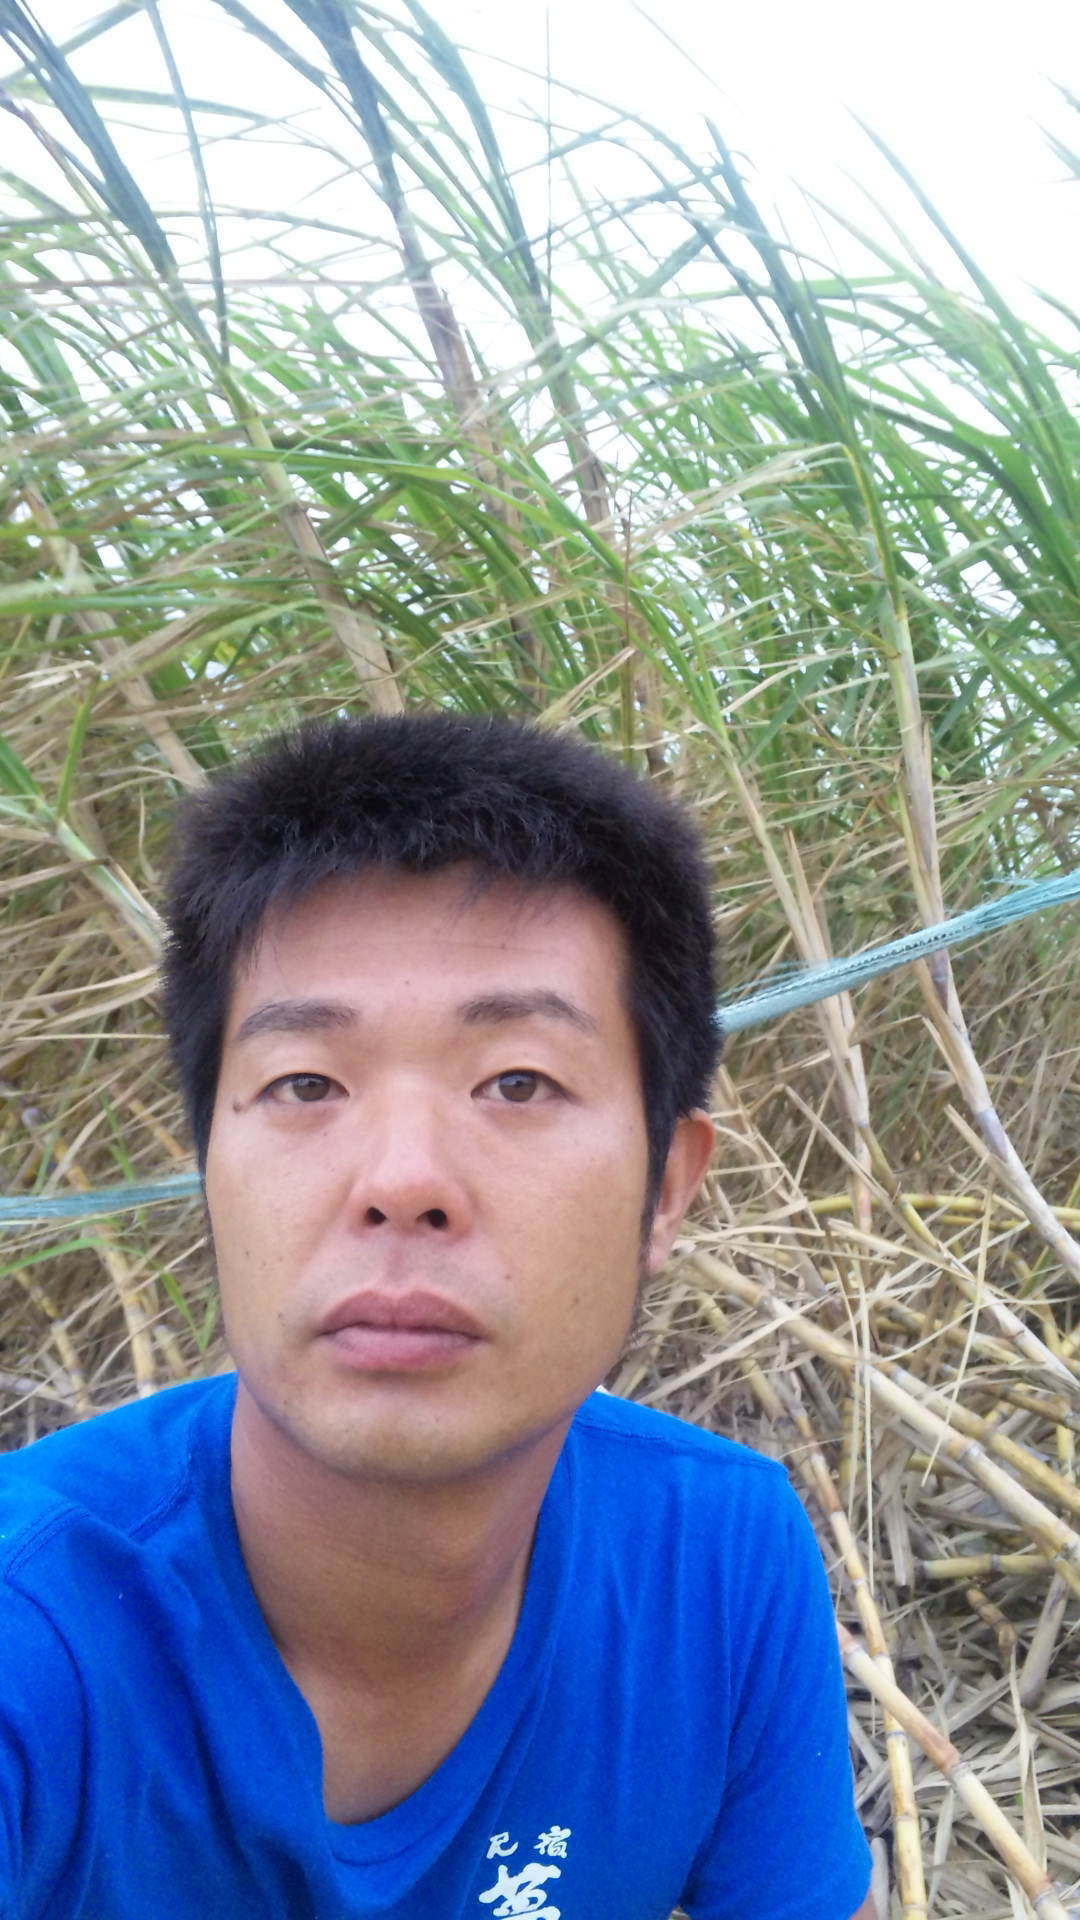 西川晃啓の画像 p1_36